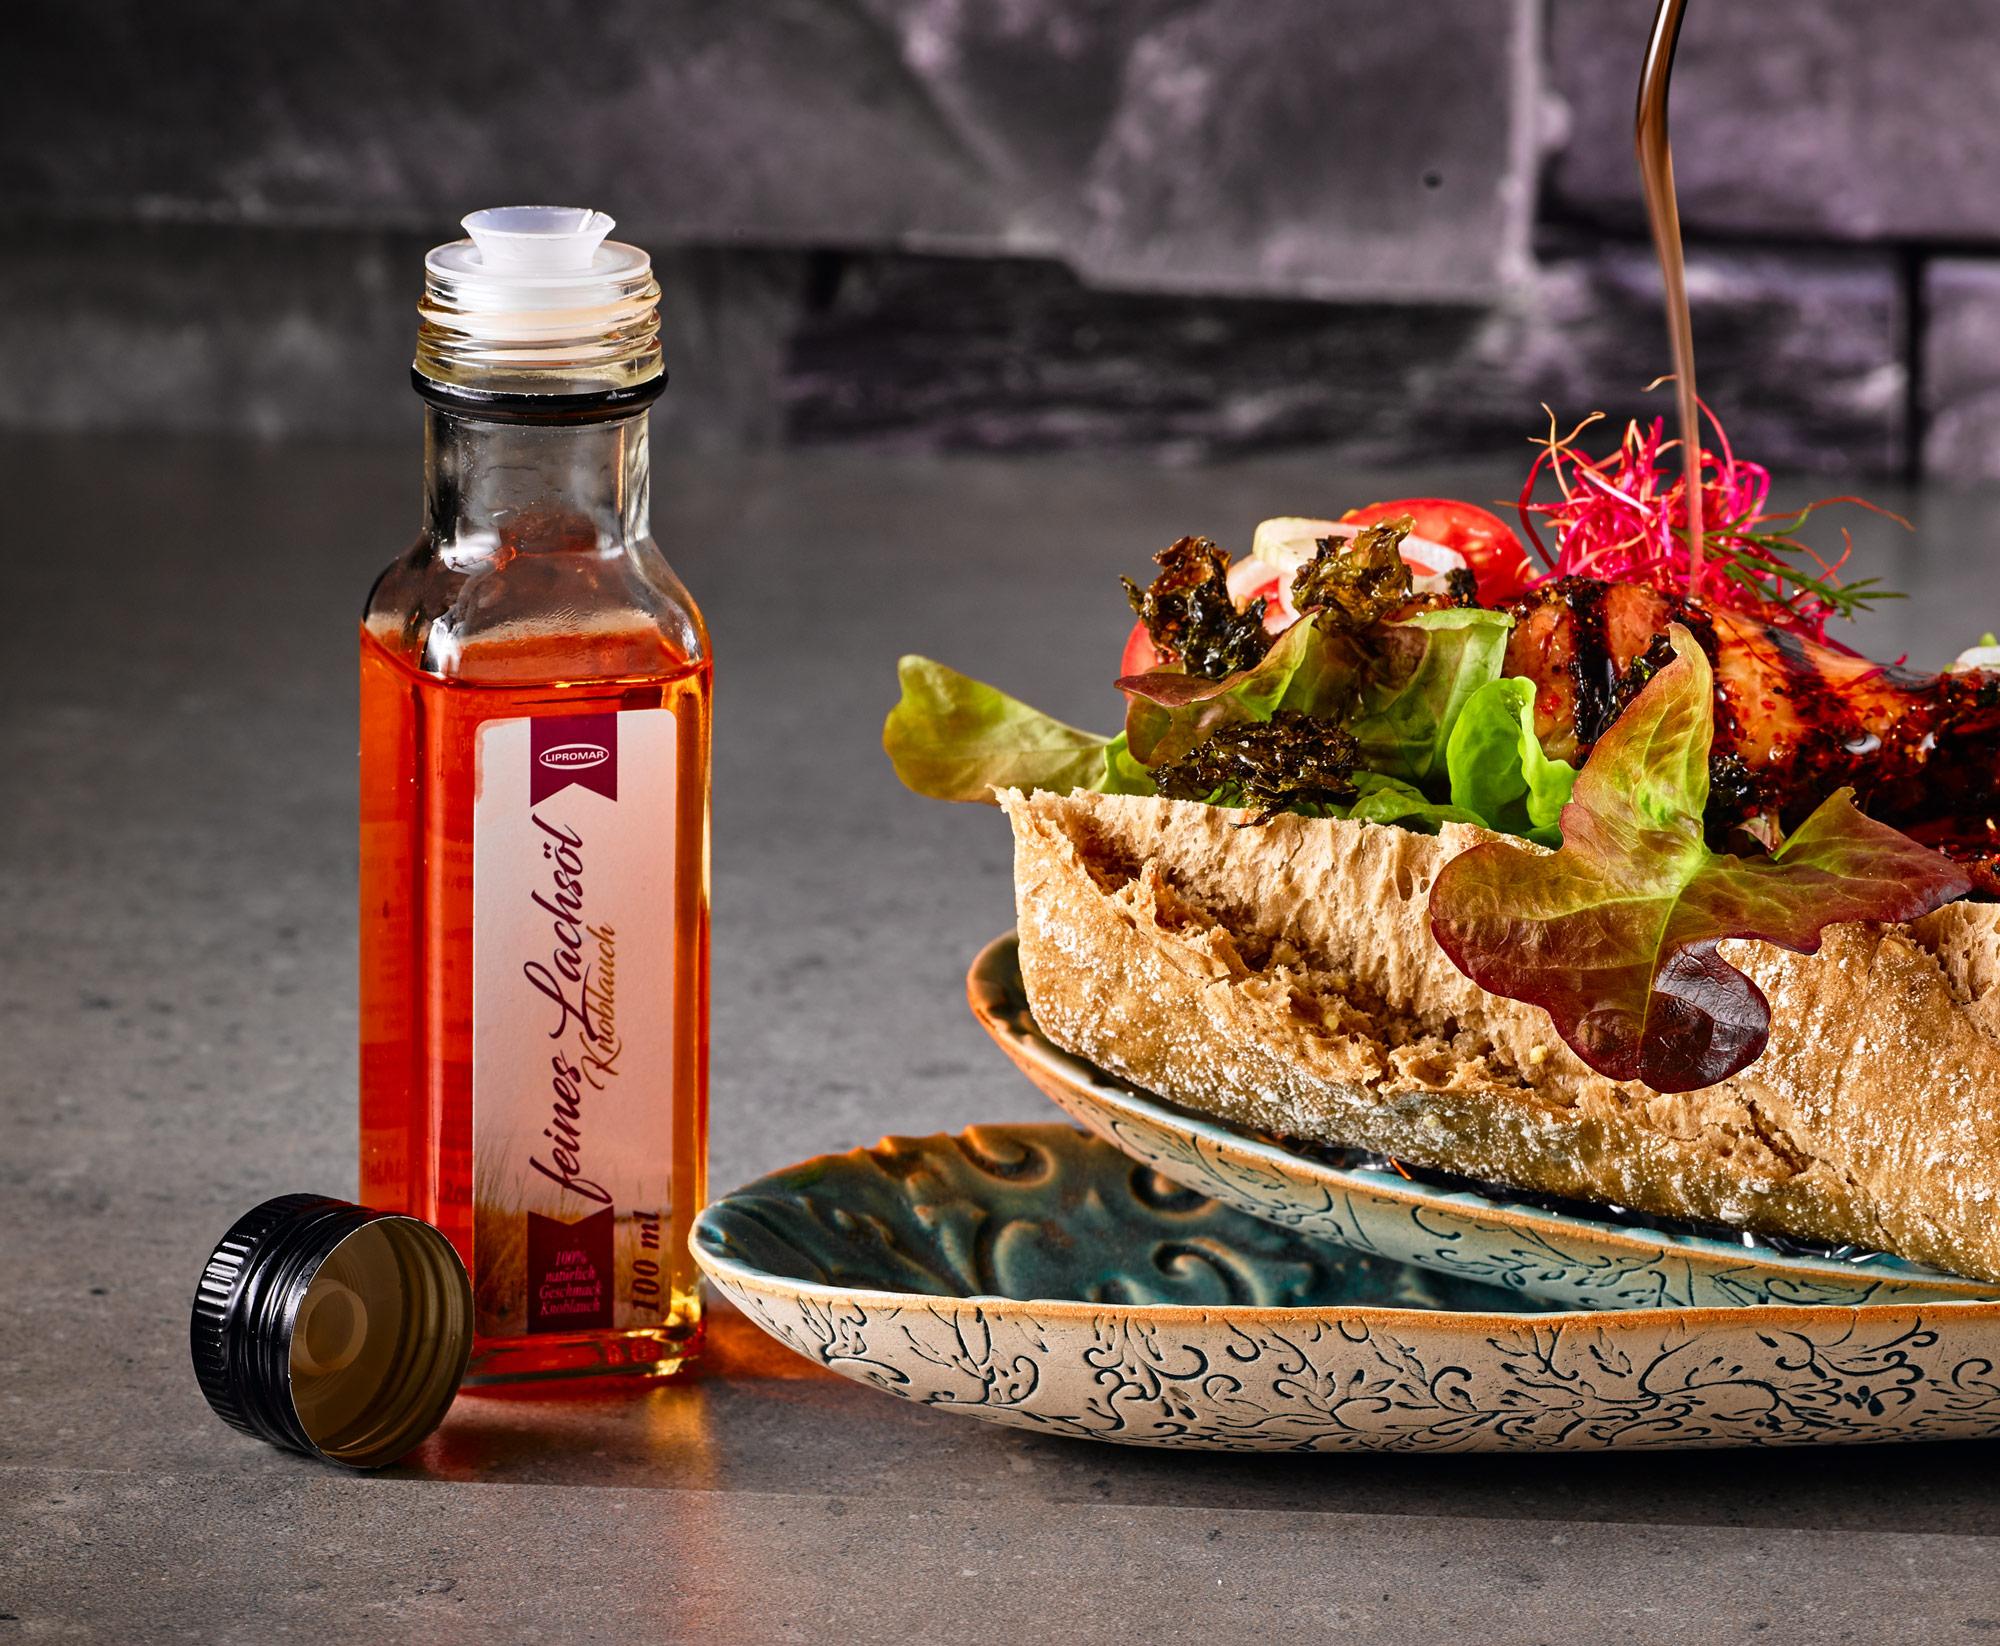 Foodfotograf-Matthias-Hoffmann-Referenzen-0022